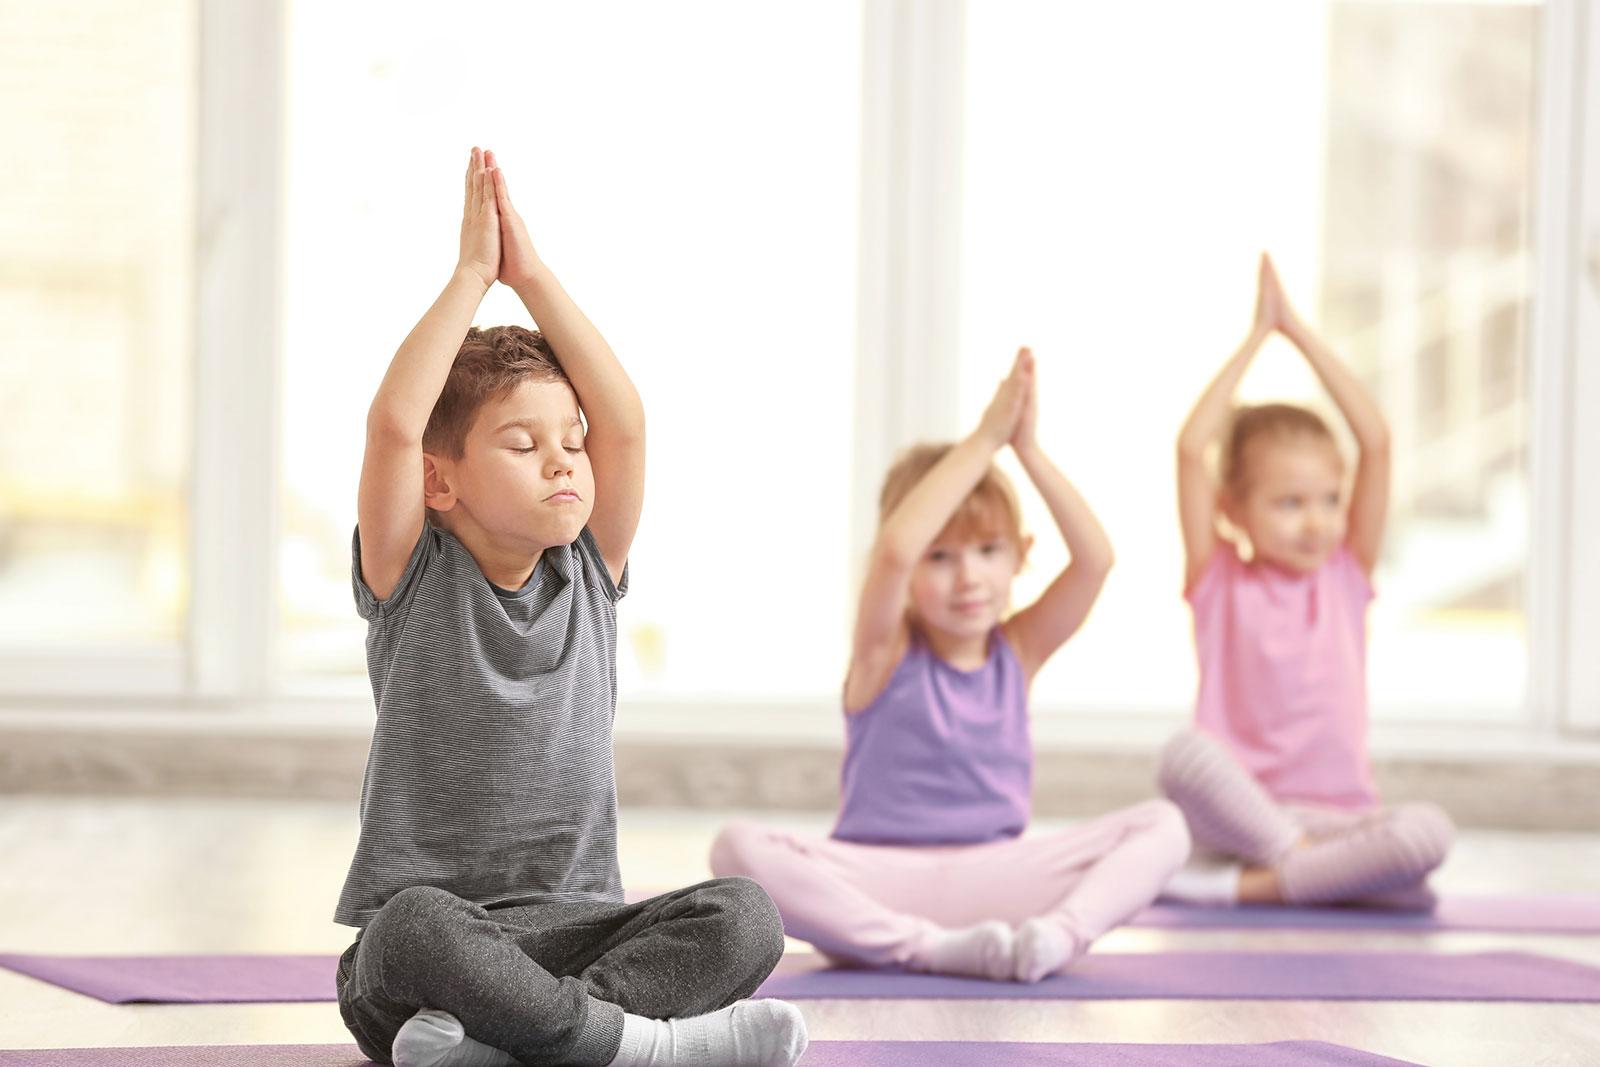 Çocuk yogası çocuklarınızın gelişimine büyük fayda sağlar.